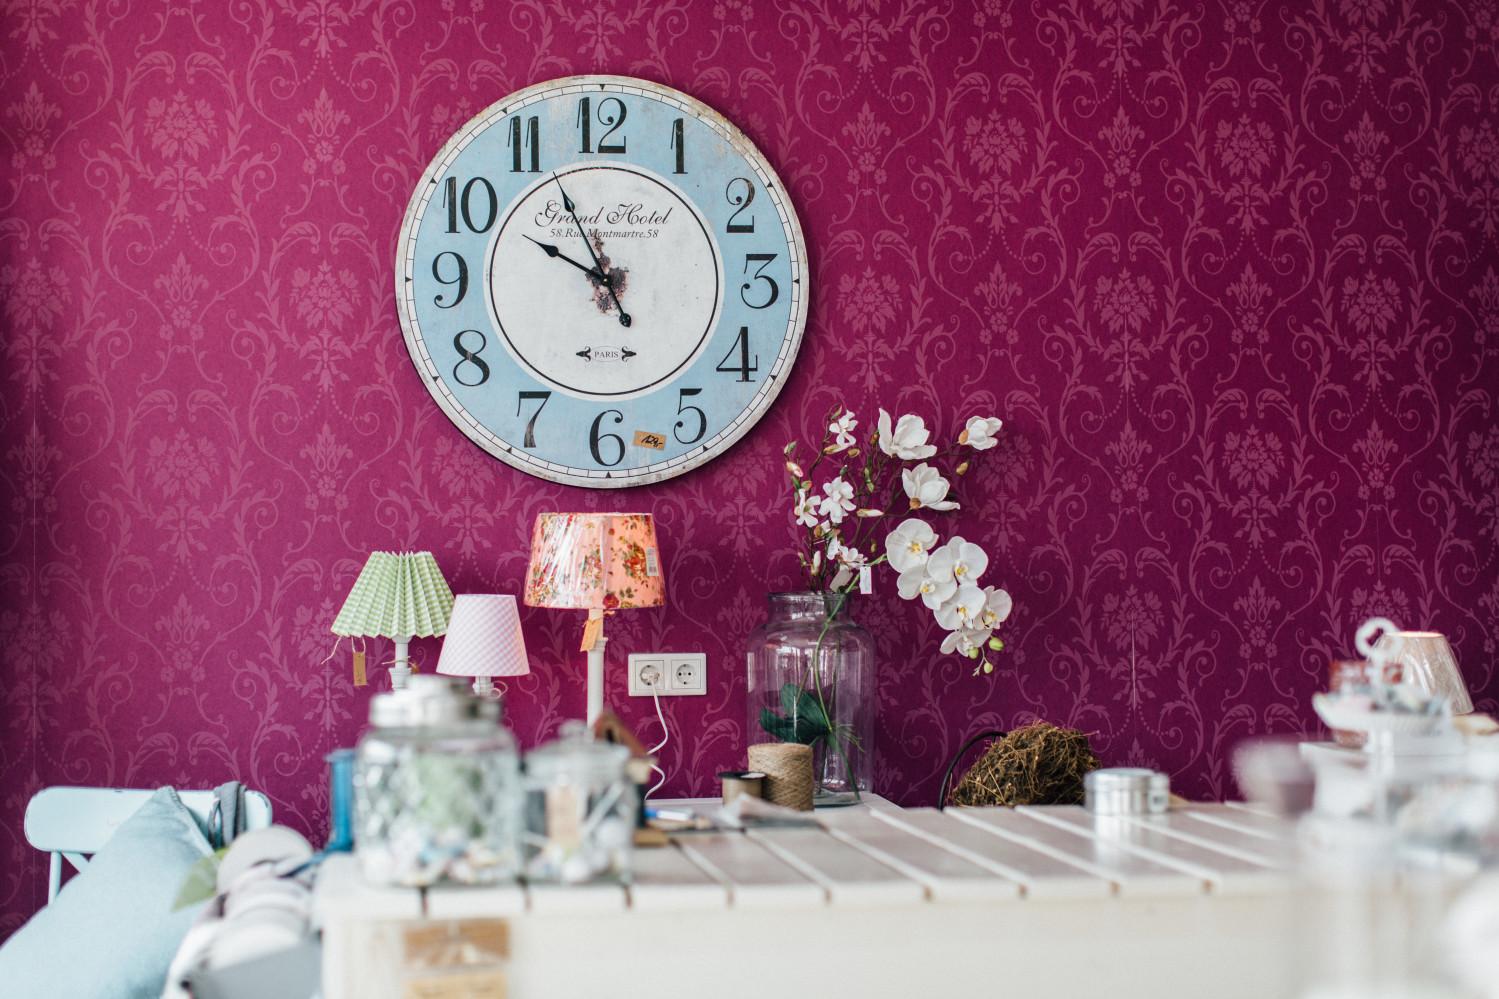 Calluna-Cottage-Laden-Uhr-Tapetenwand-Image-Bild